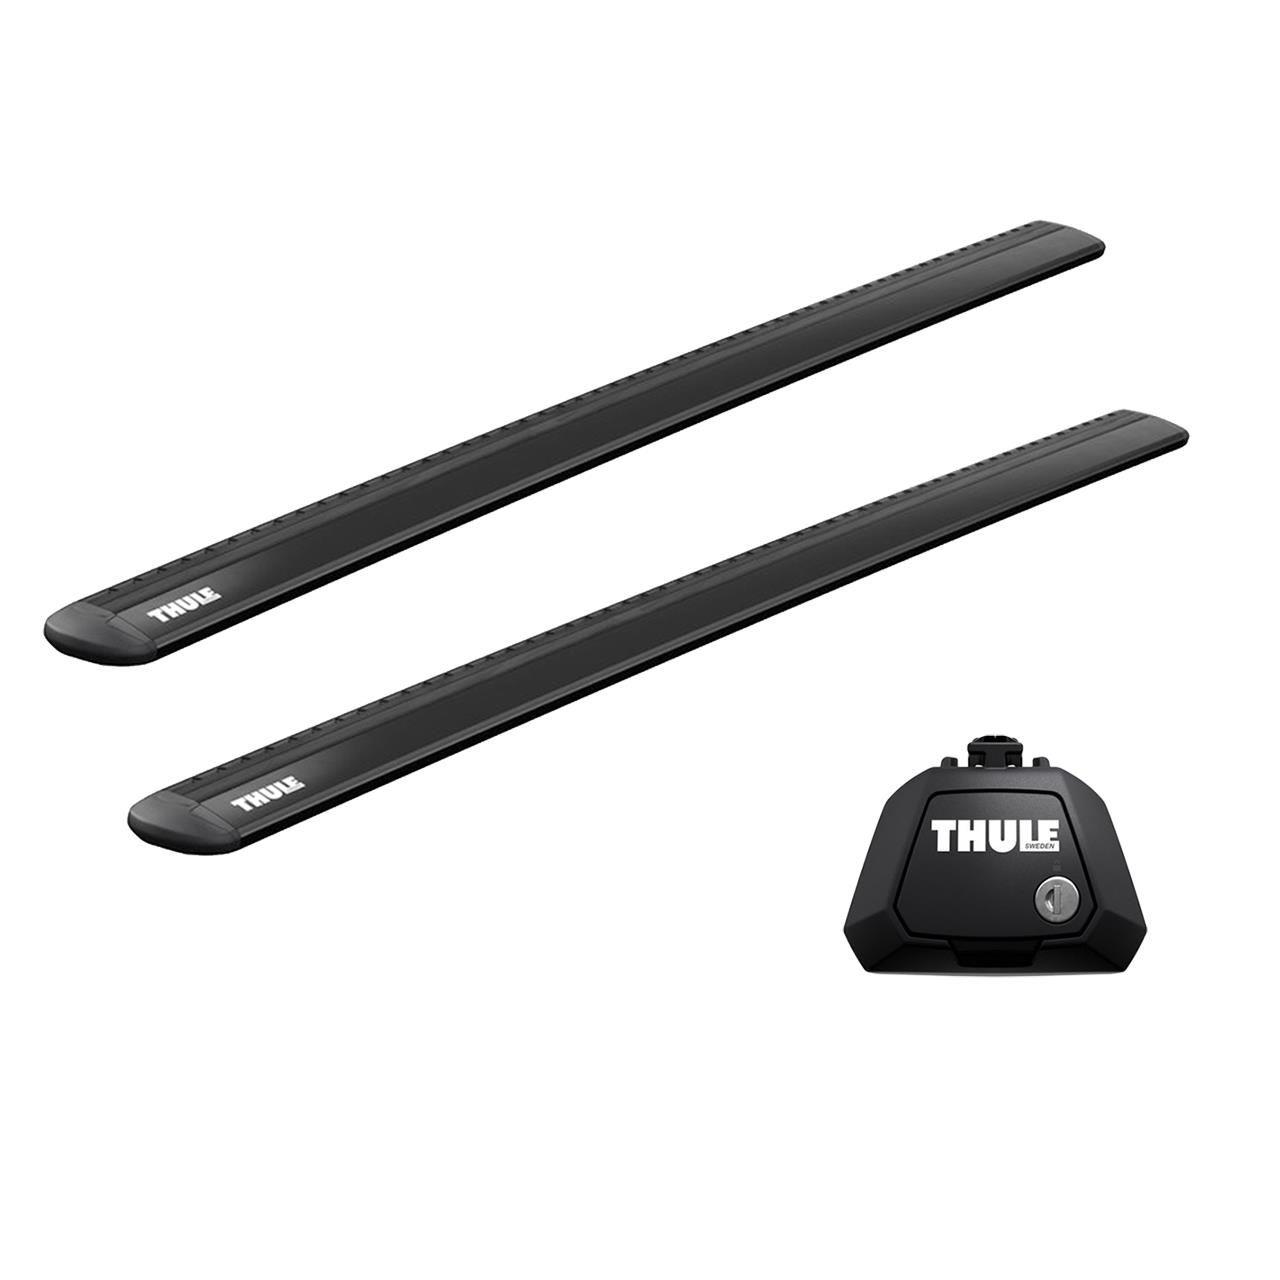 Напречни греди Thule Evo Raised Rail WingBar Evo 127cm в Черно за SKODA Kodiaq, 5 врати SUV 2017- с фабрични надлъжни греди с просвет 1